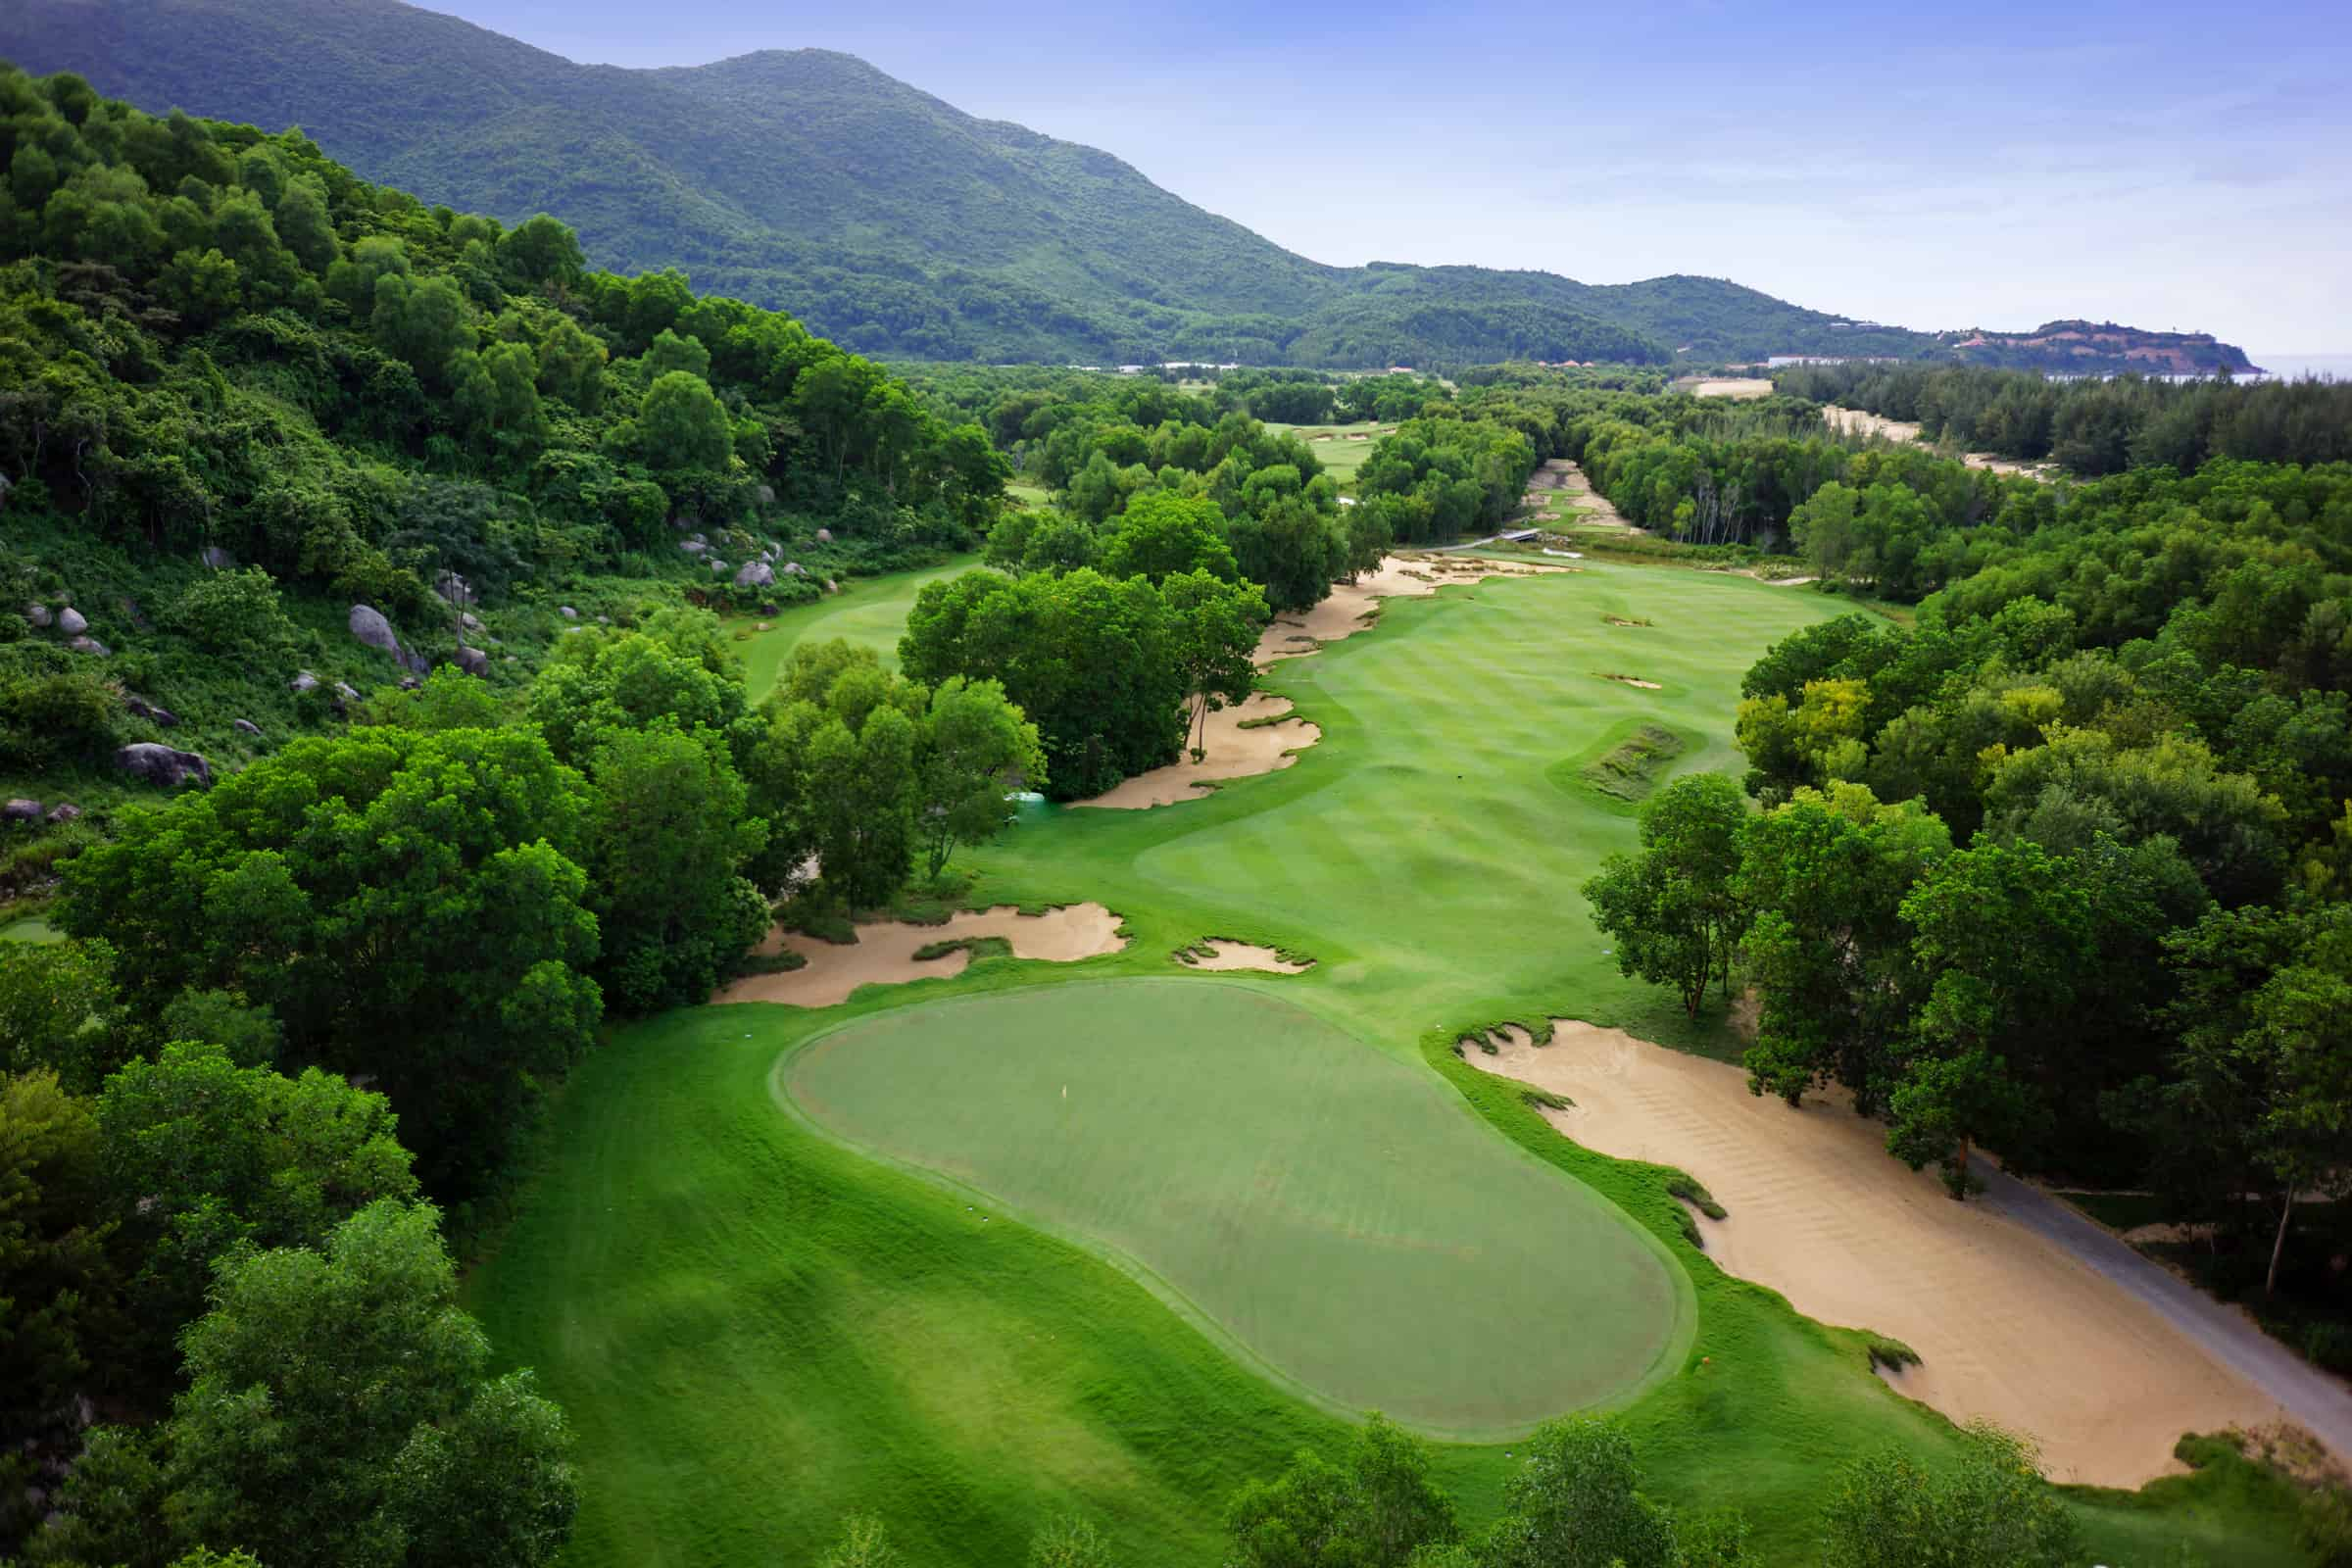 Sân golf 18 lỗ do thiết kế nổi tiếng Nick Faldo thiết kế tại Angsana Lăng Cô Huế